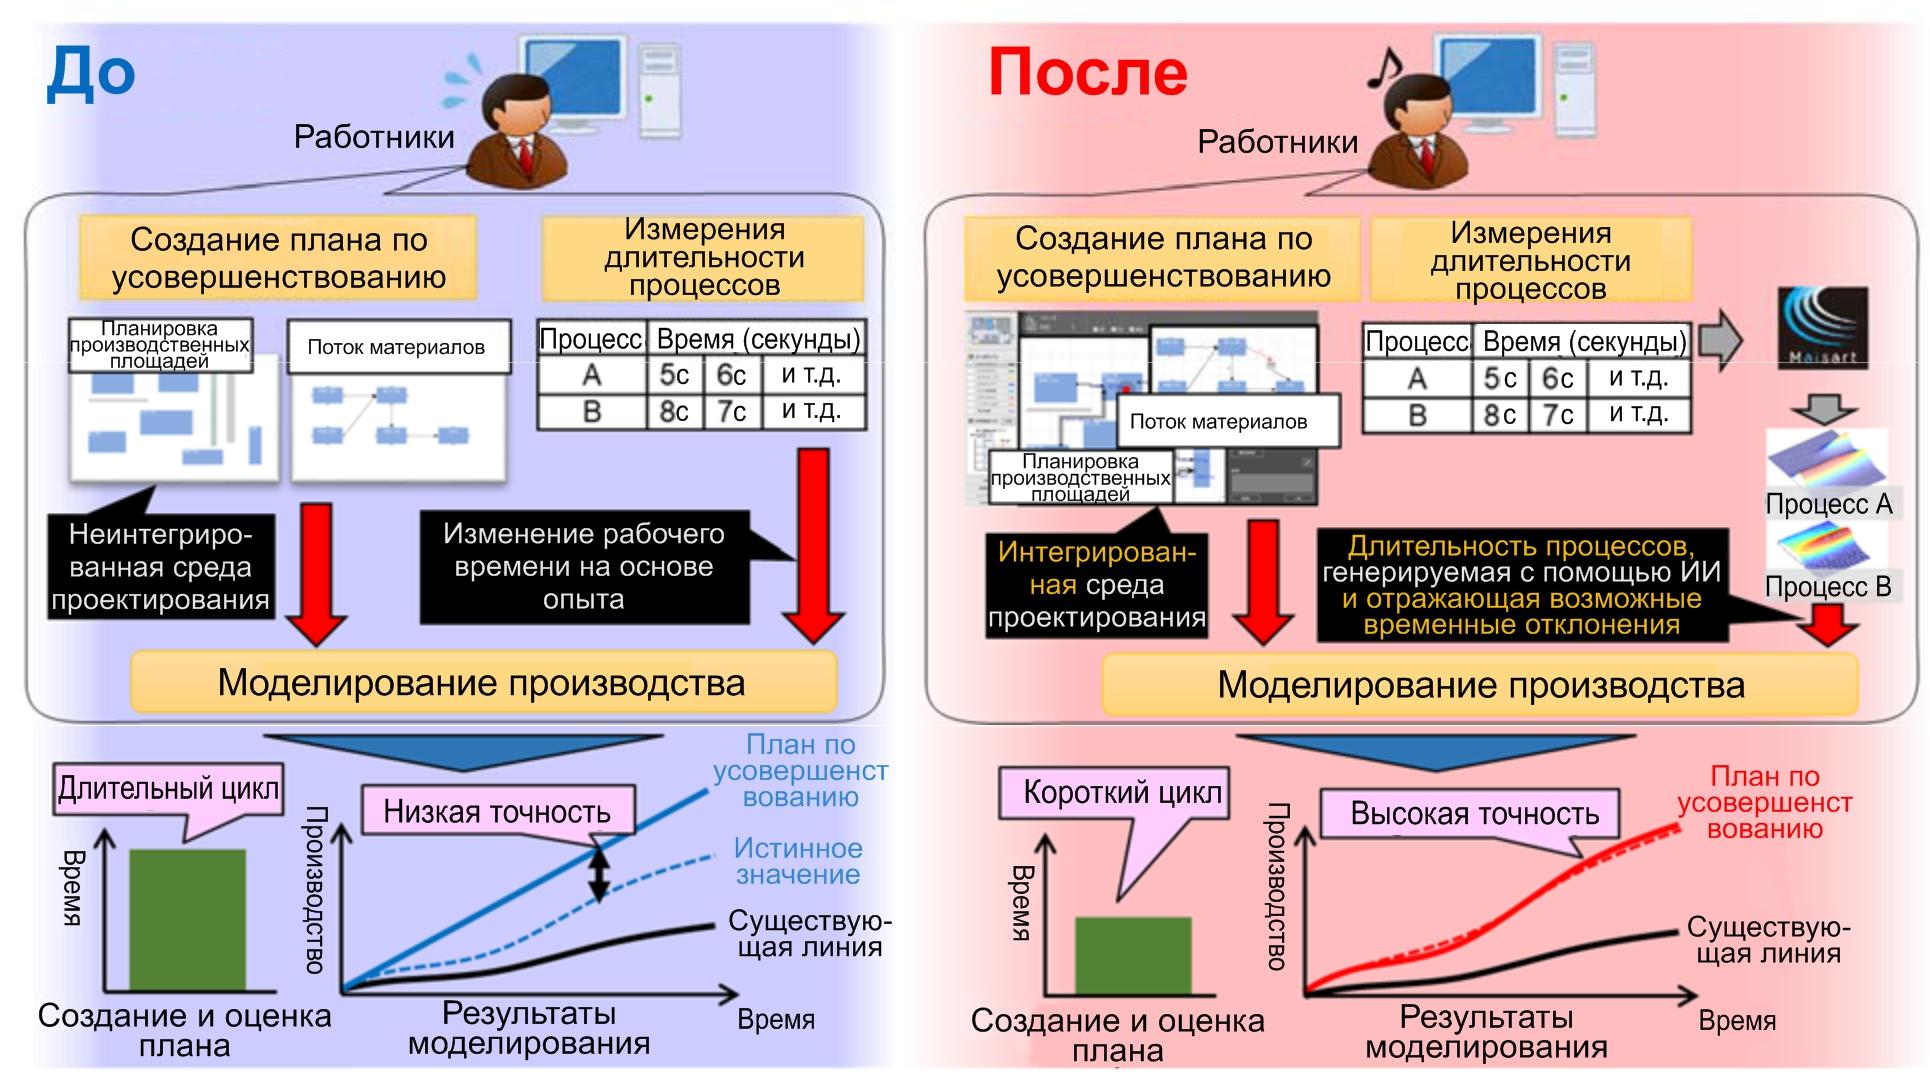 Пример усовершенствований, которые можно реализовать с помощью новой технологии